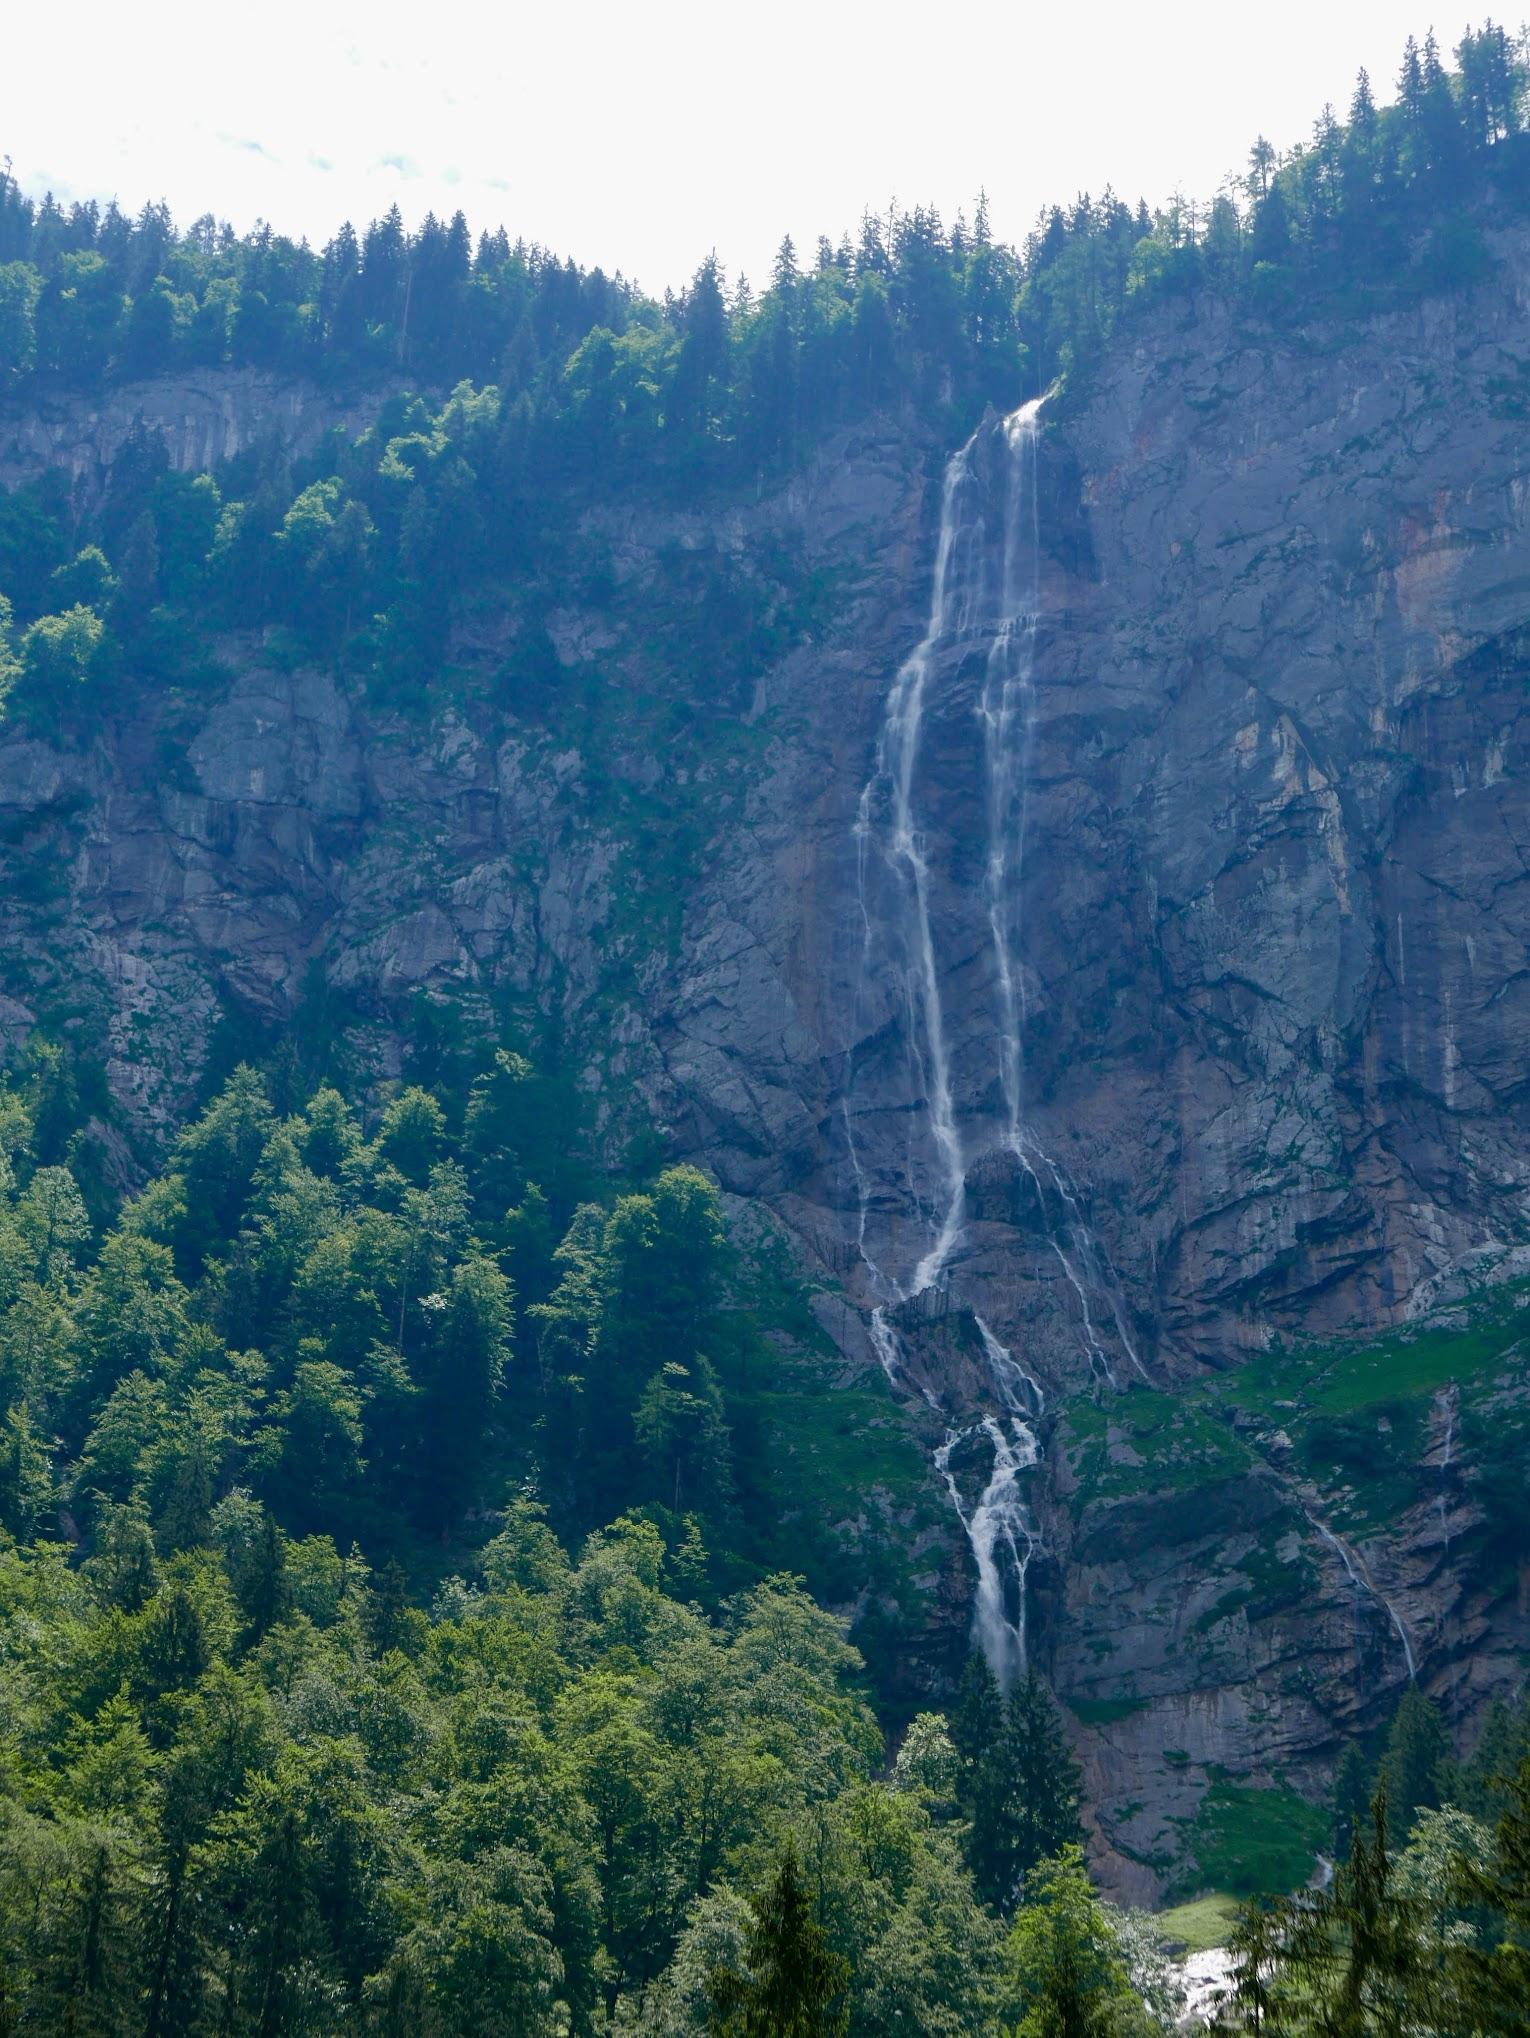 Röthbachfall, Schönau am Königssee, Berchtesgaden